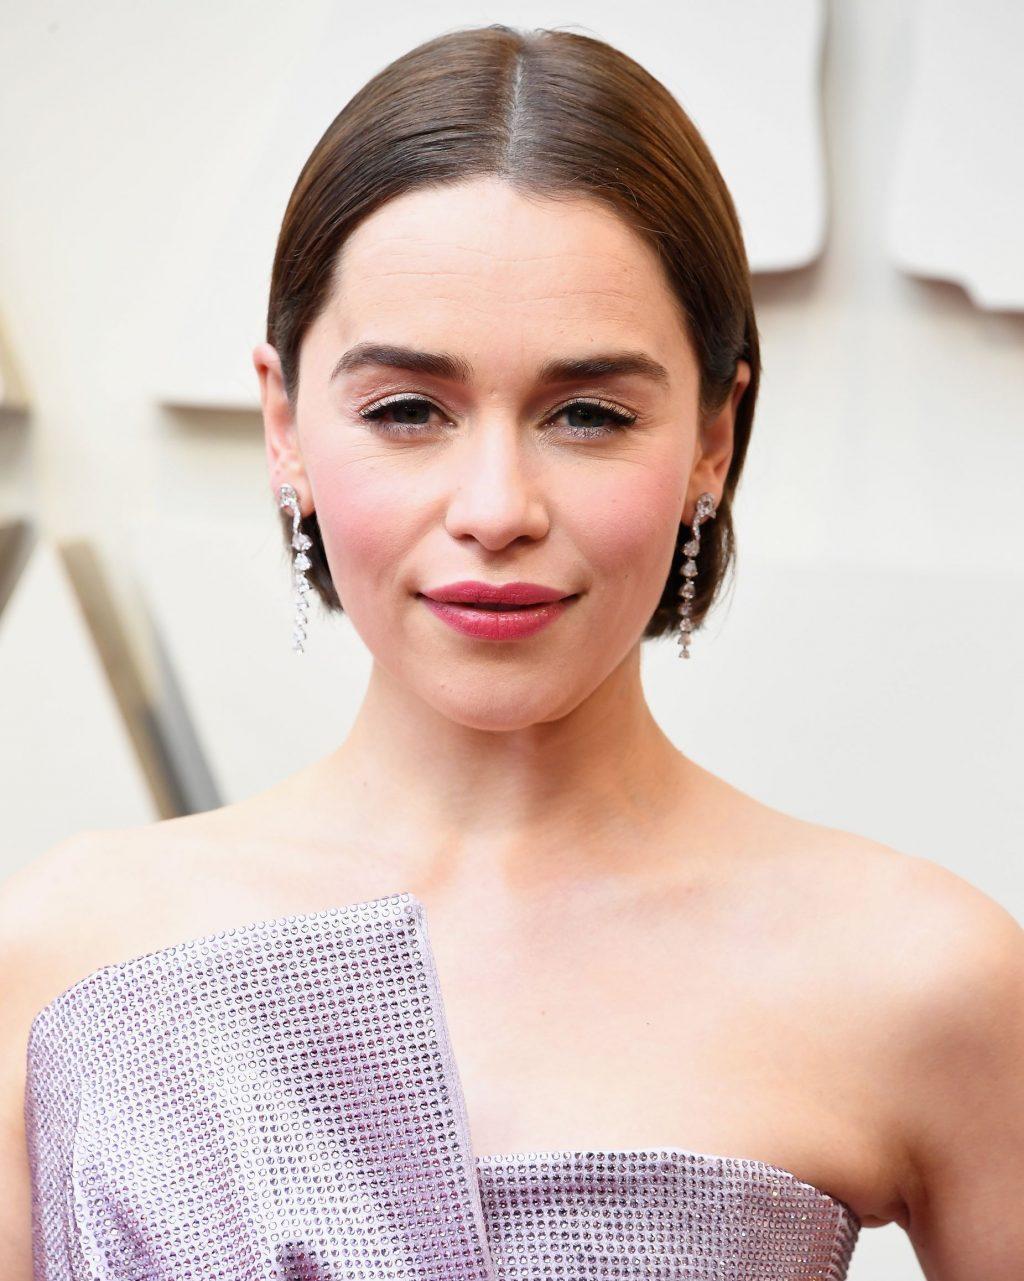 04 phong cách trang điểm và làm tóc Oscars 2019